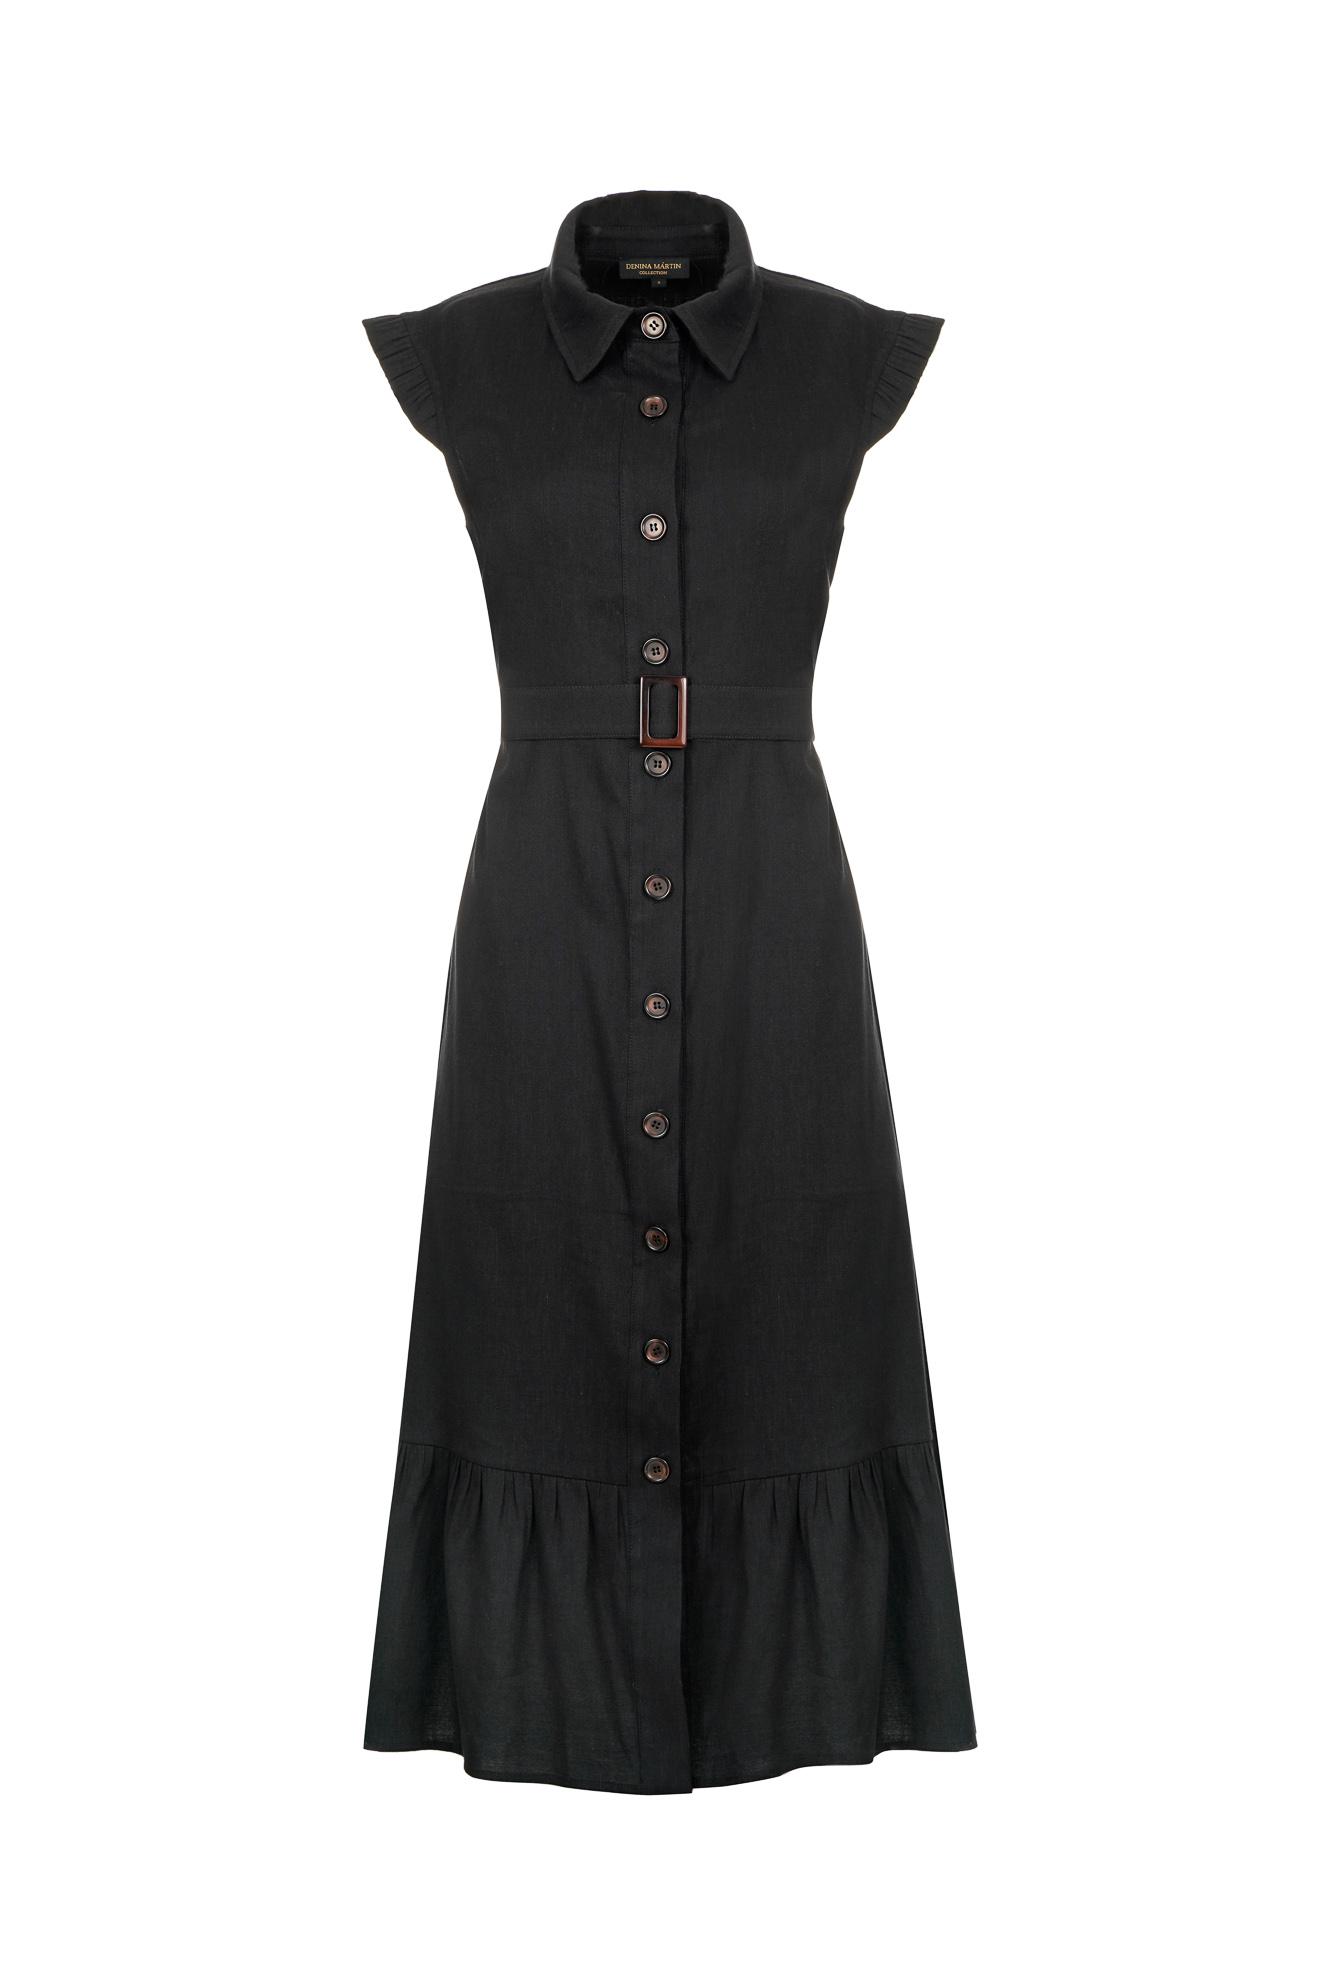 Savanna premium dress